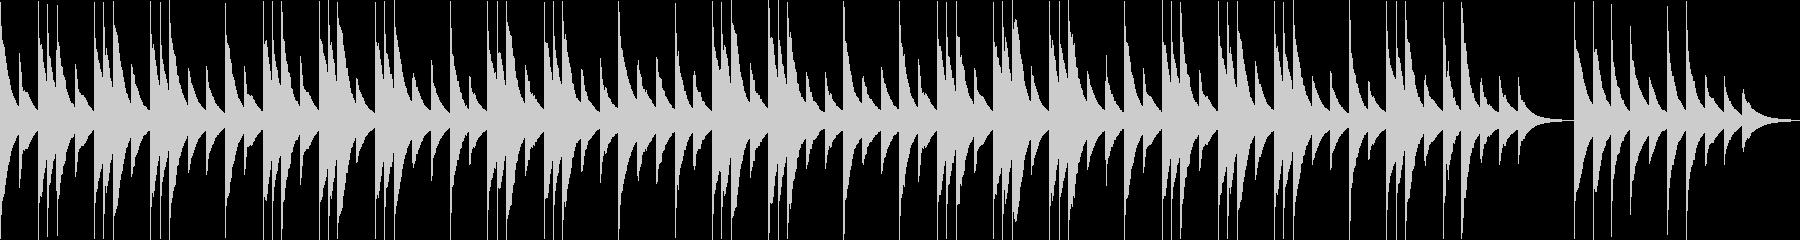 優しい静かなオルゴールの子守唄の未再生の波形